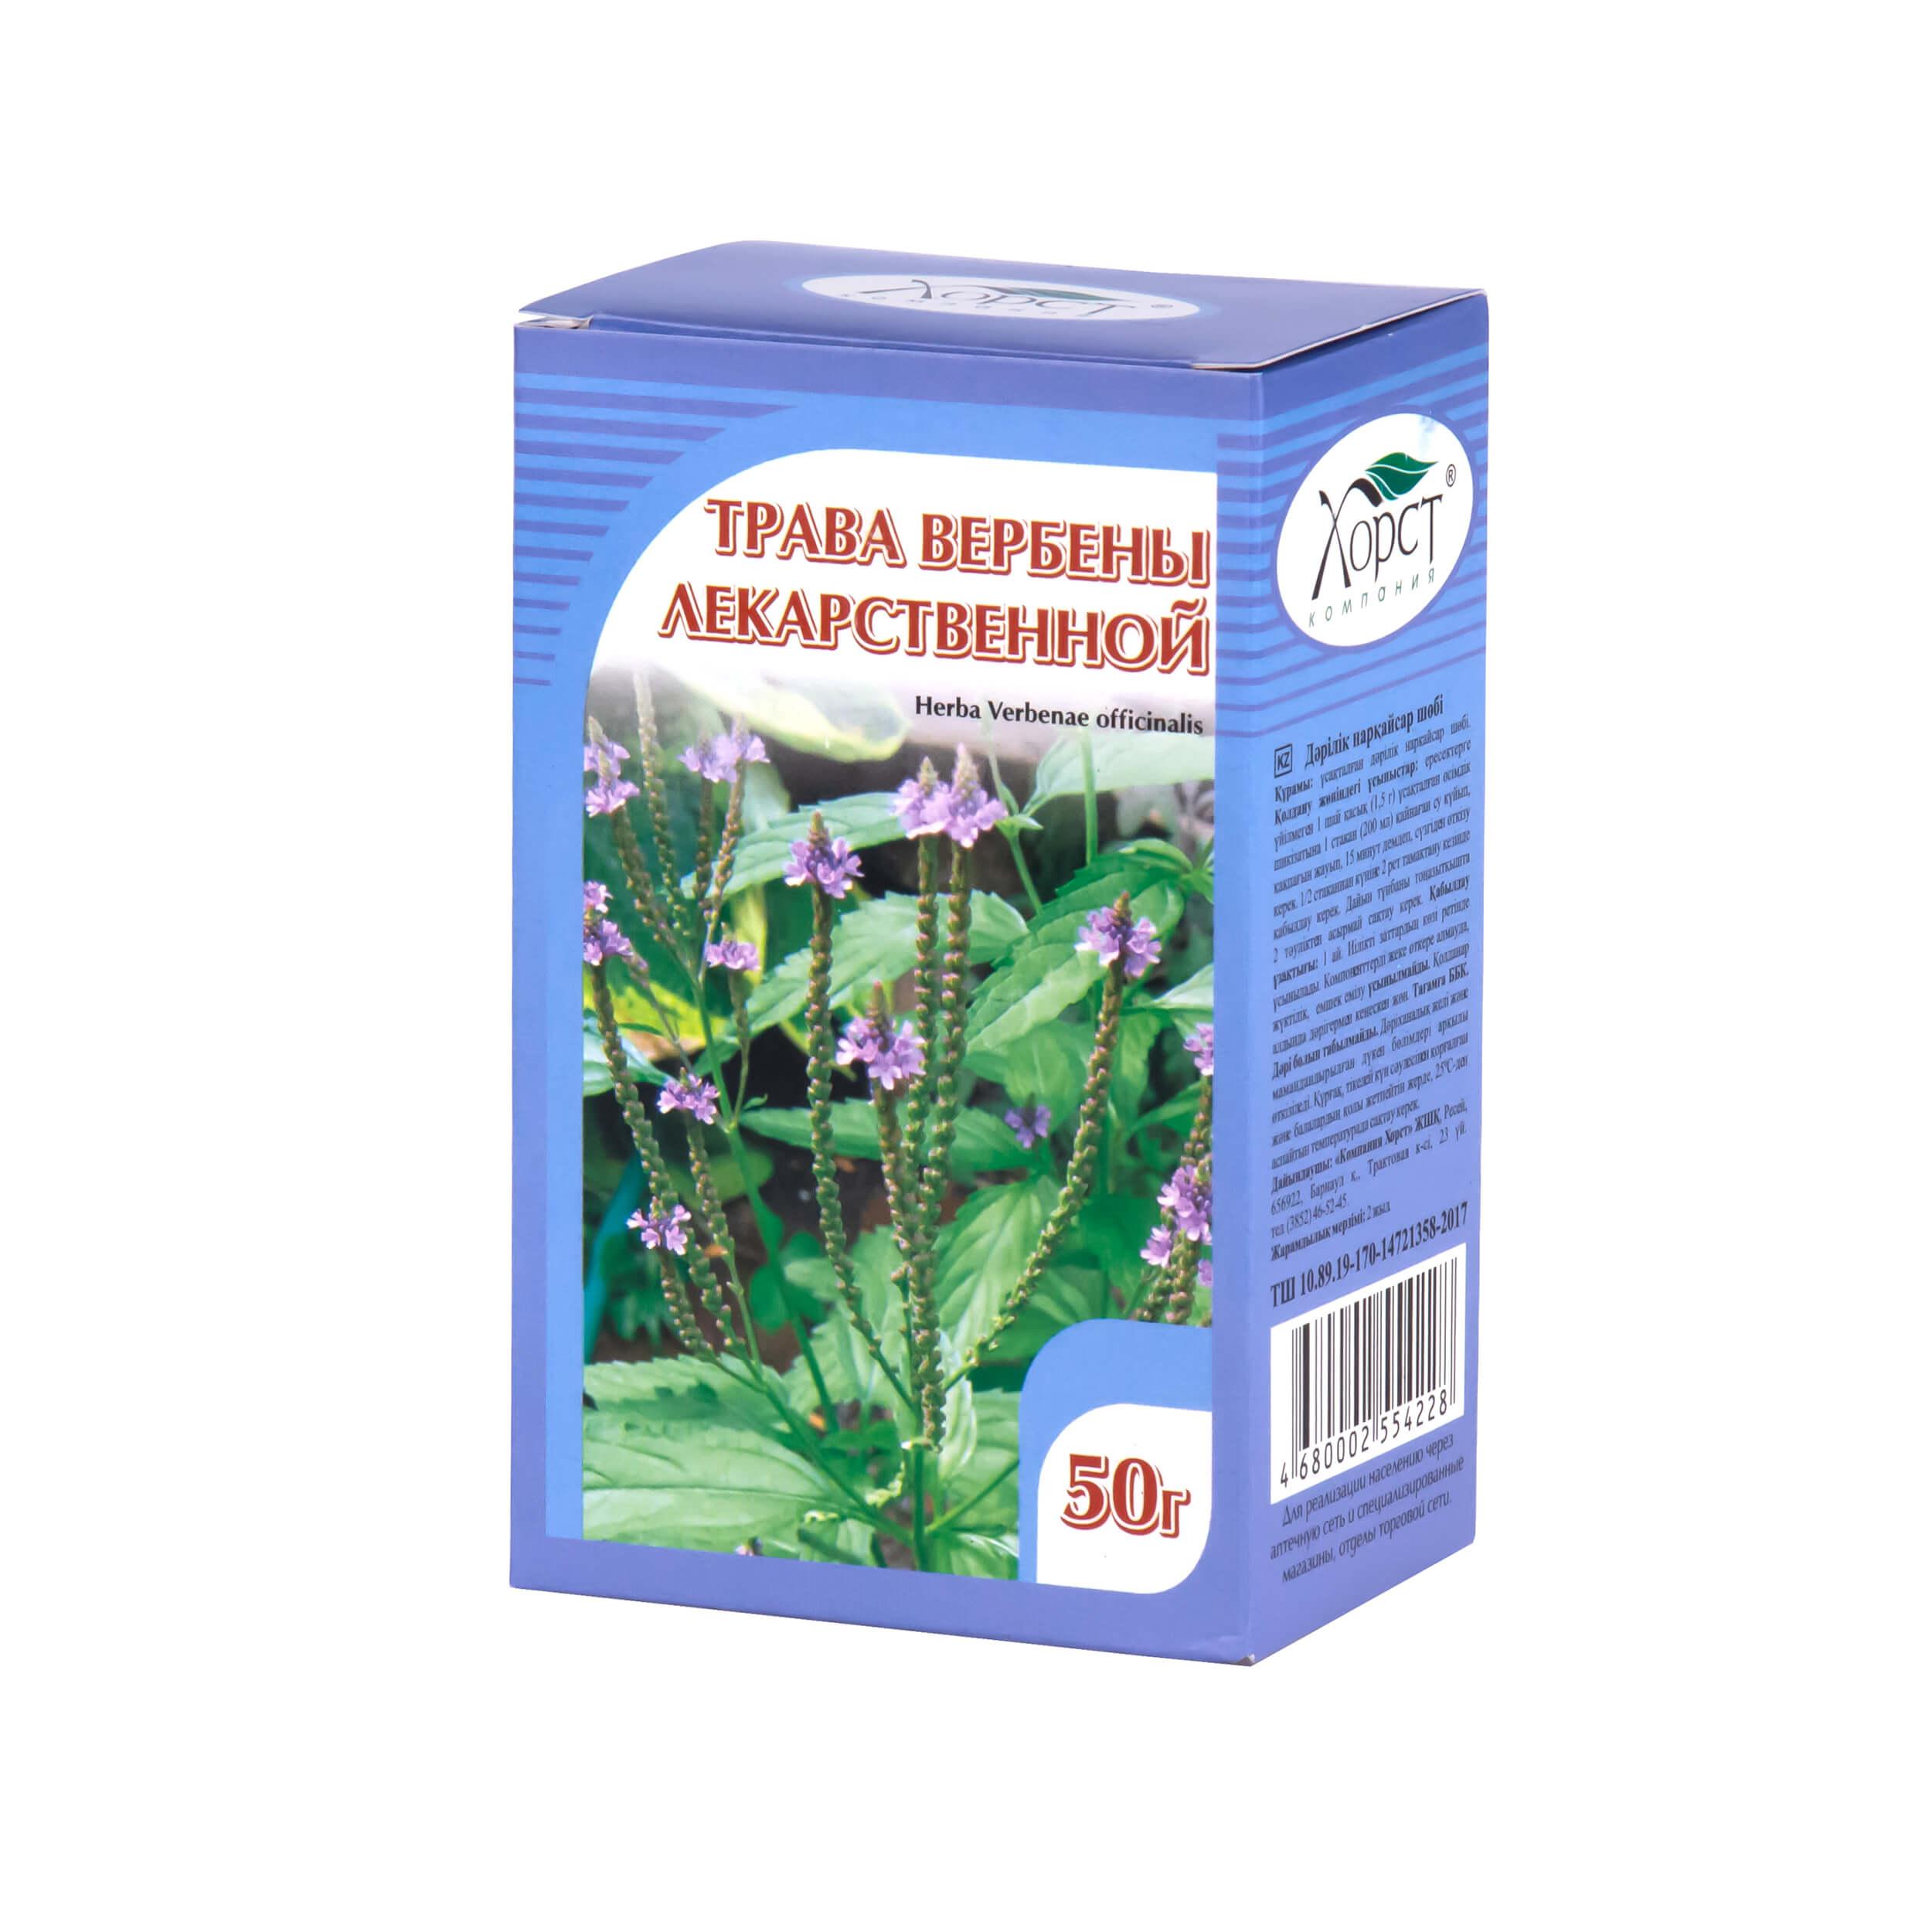 Вербена лекарственная (трава, 50 грамм) фото